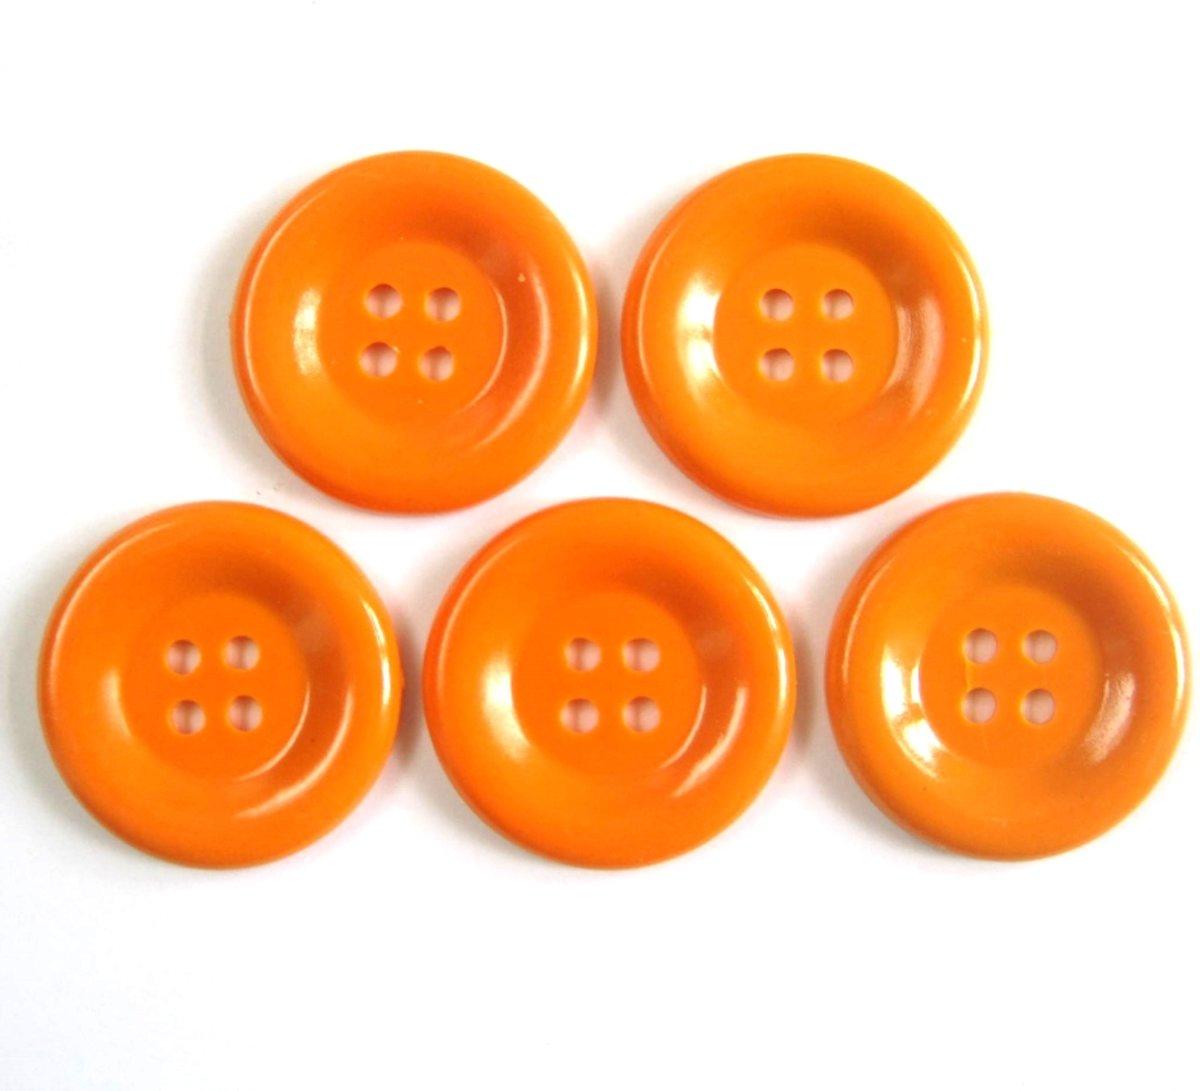 XL grote carnaval knopen 5 stuks, doorsnede 5 cm, kleur oranje kopen